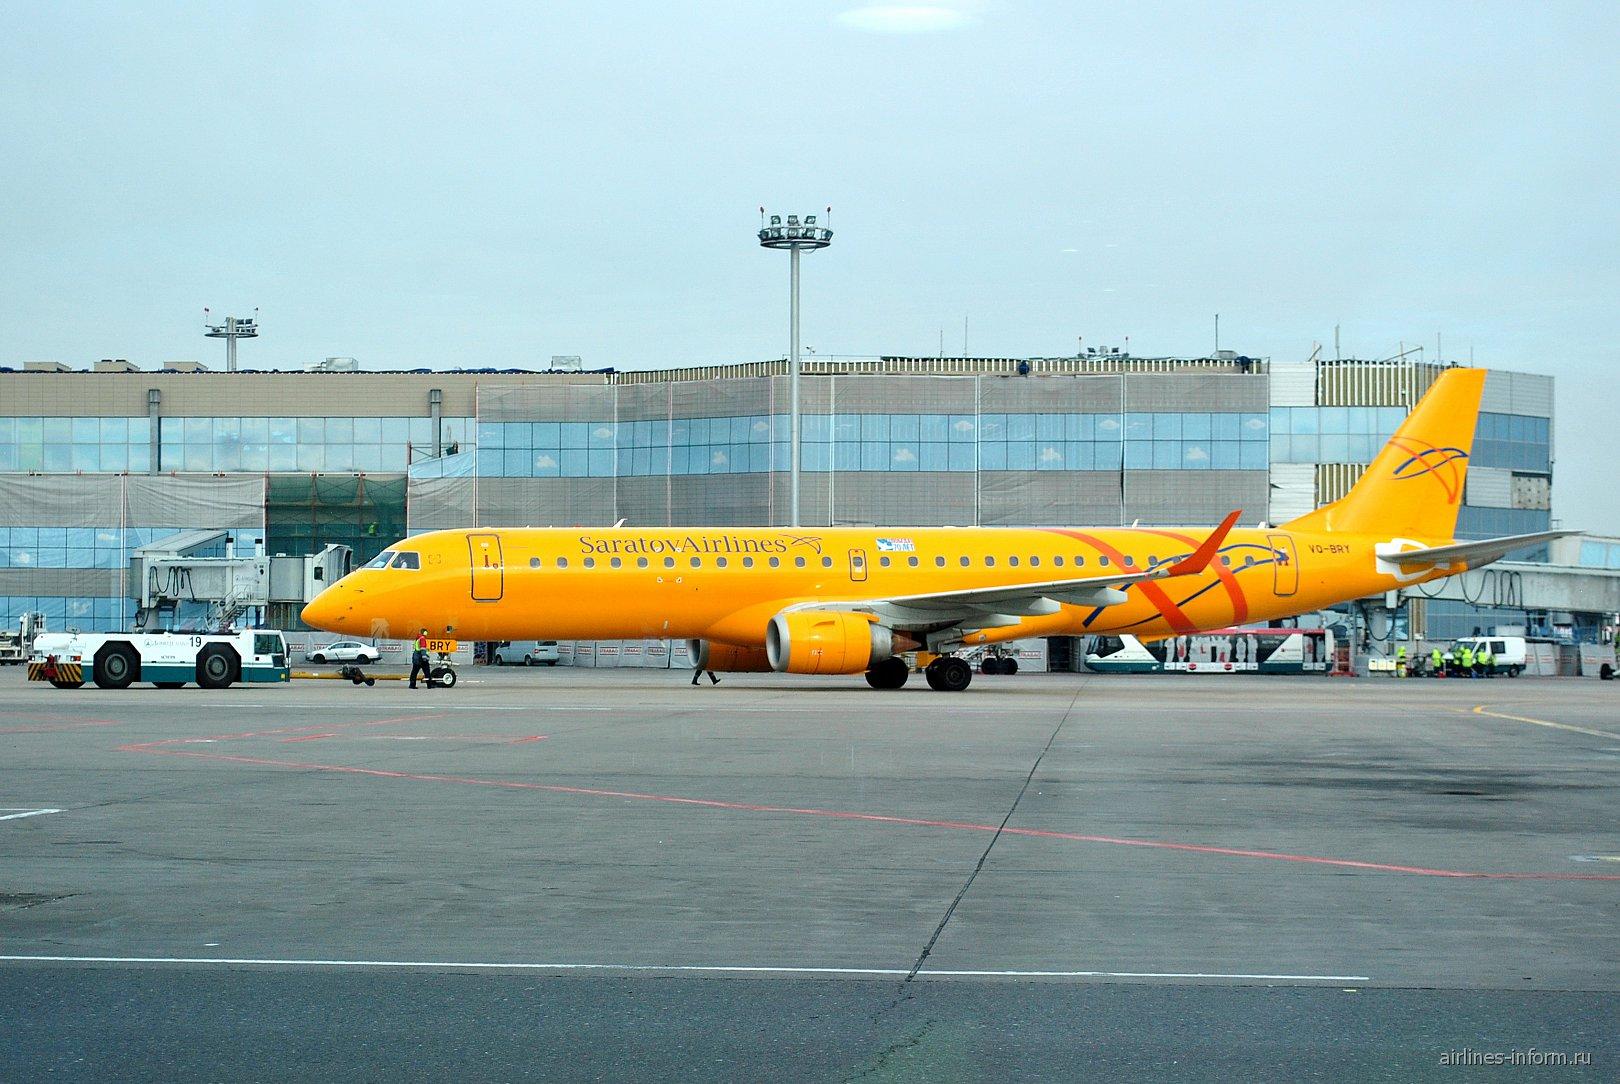 Самолет Embraer 195 Саратовских авиалиний в аэропорту Домодедово